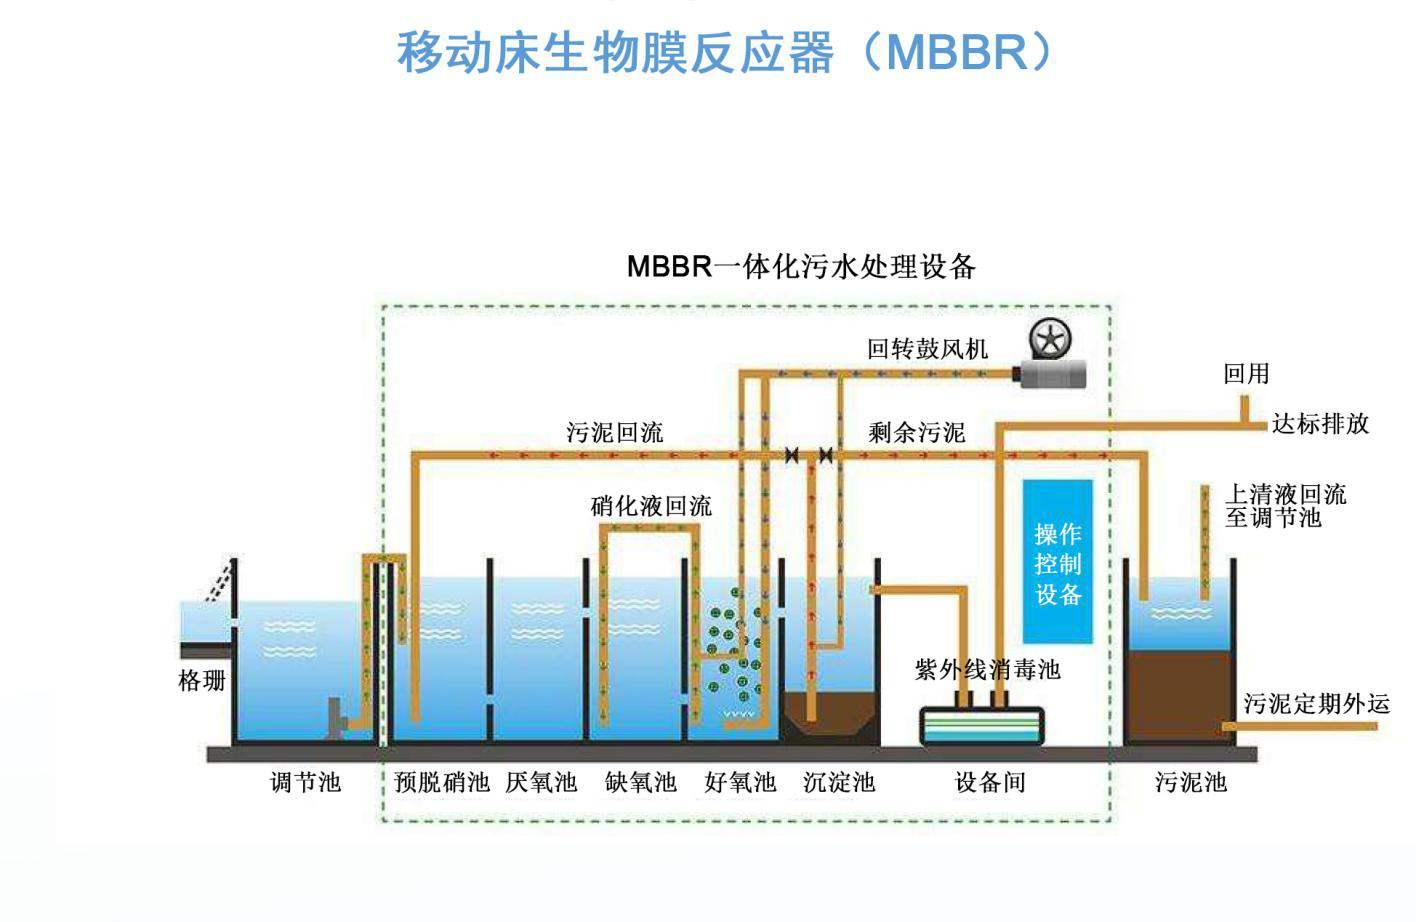 甘肃一体化水处理-污水处理系统设备用什么传感器-污水处理站